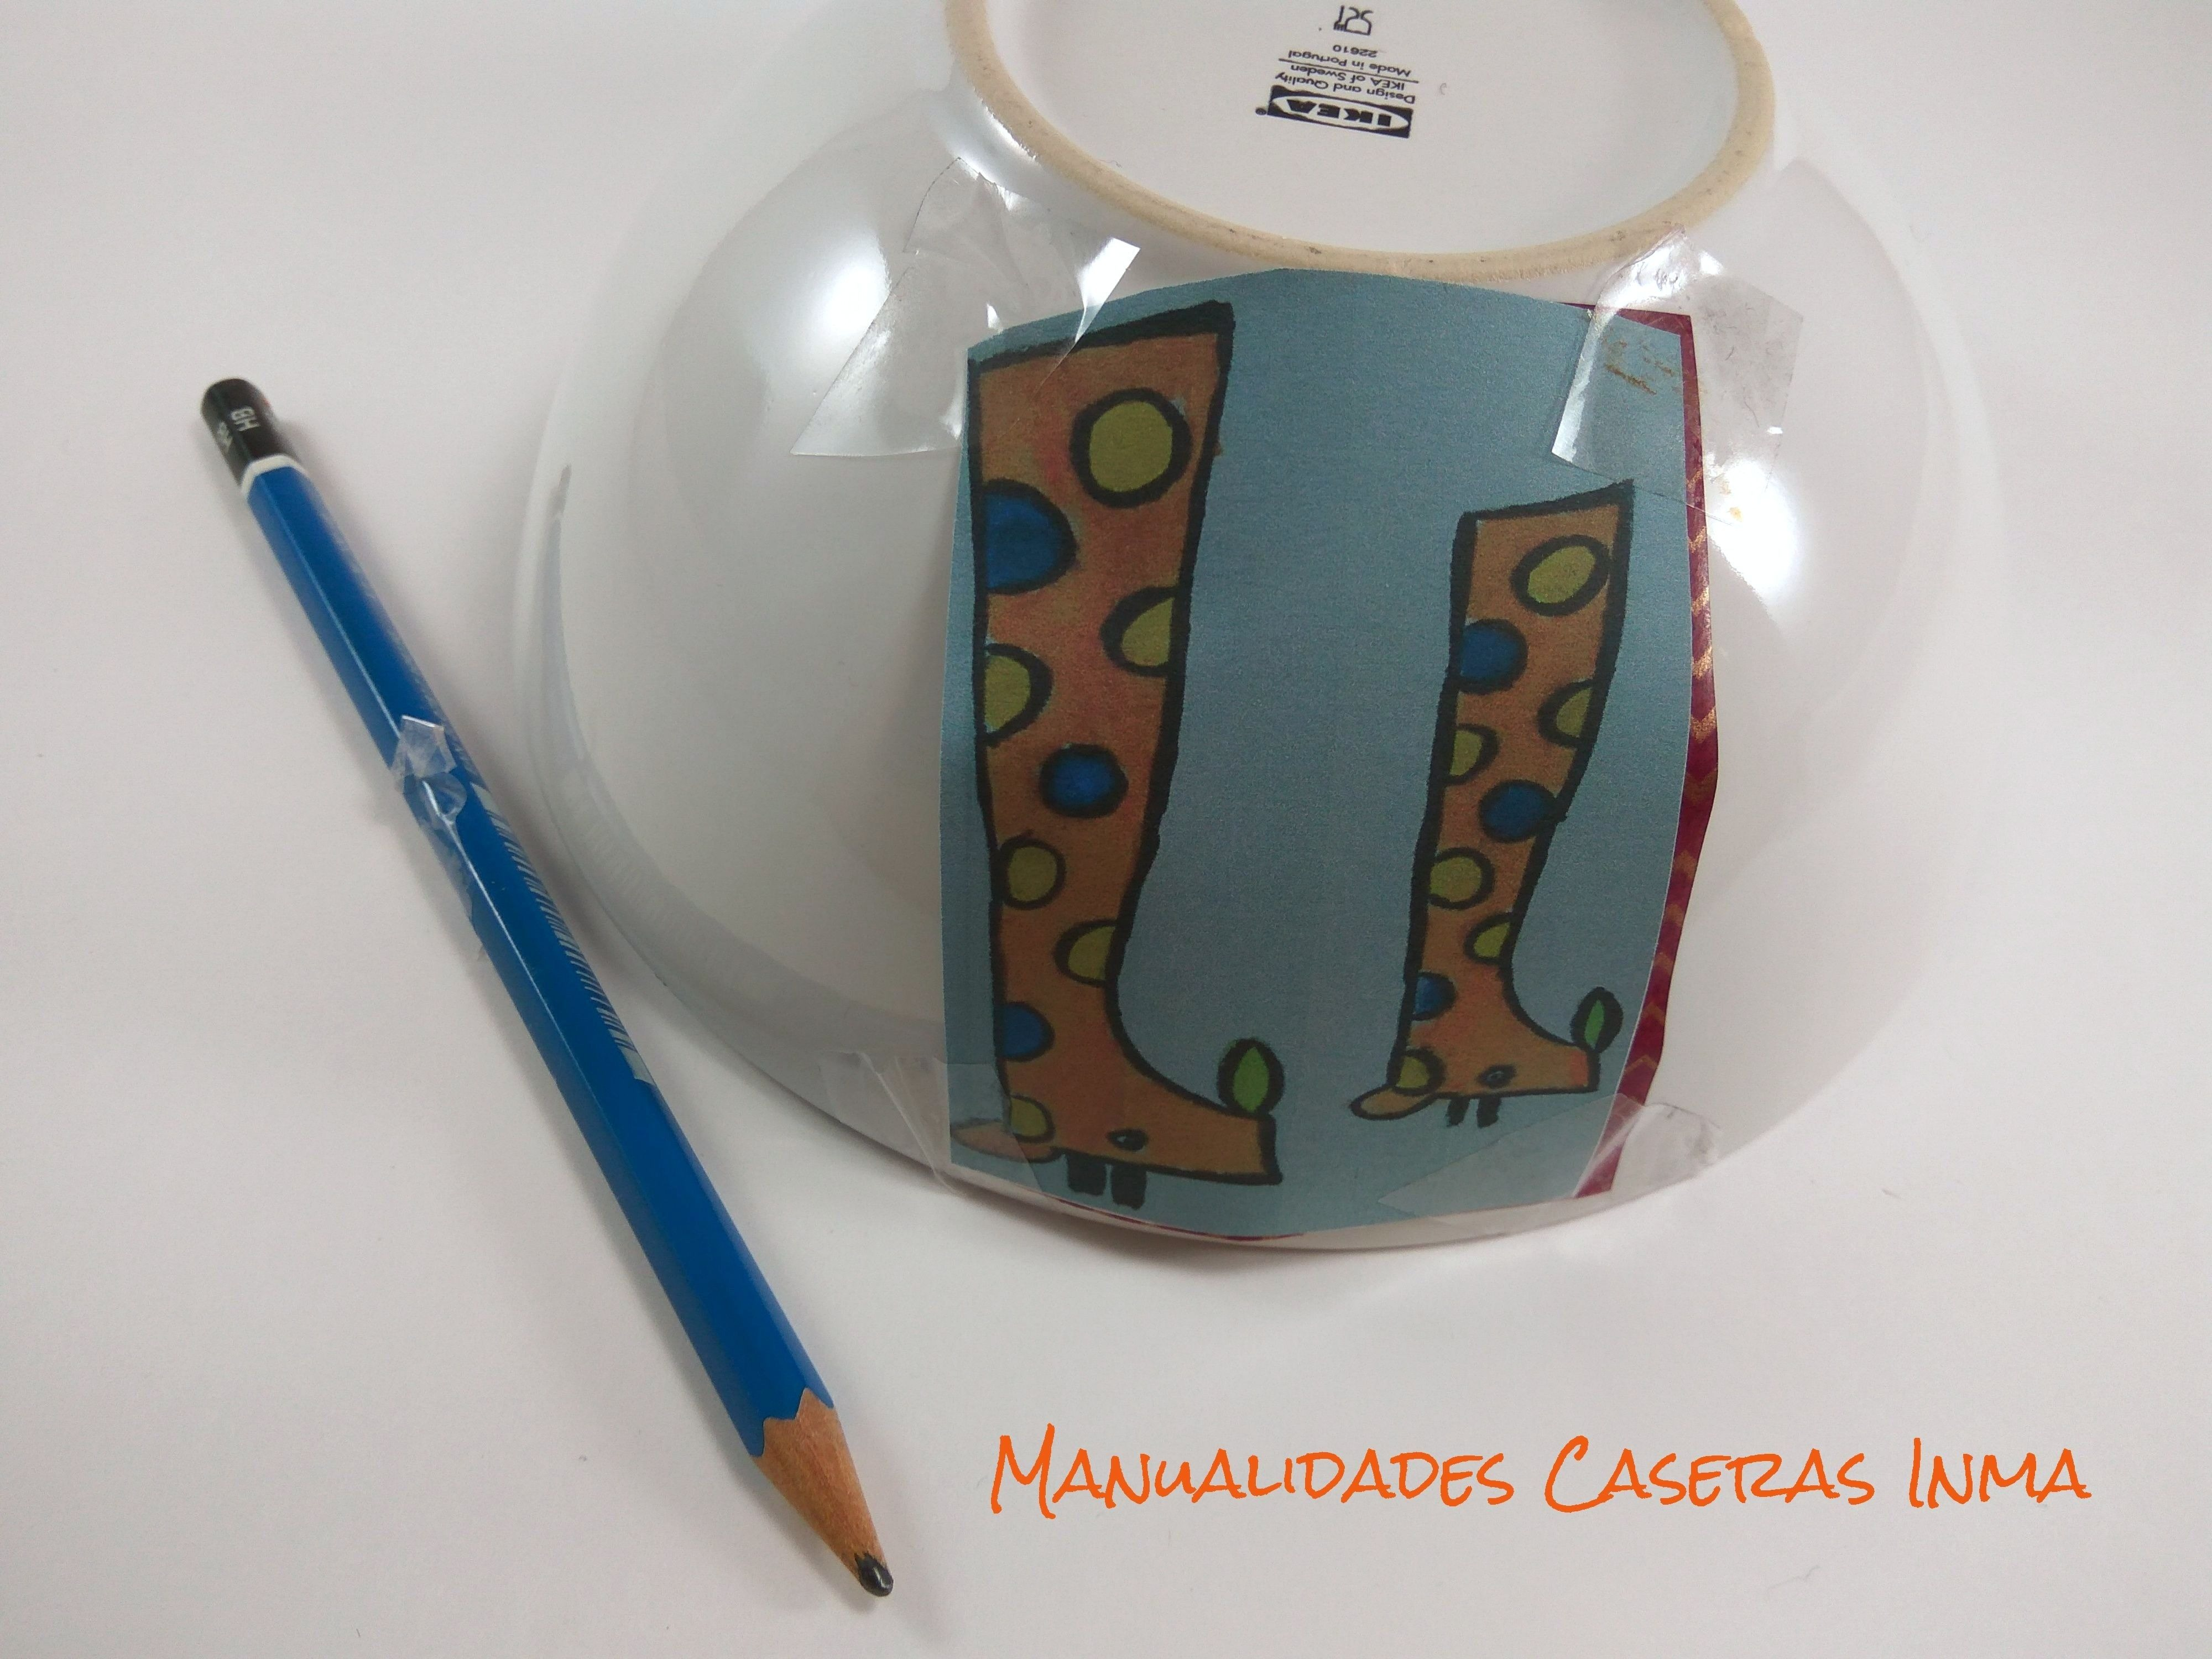 Manualidades Caseras Inma_ Como calcar el boceto en el tazón